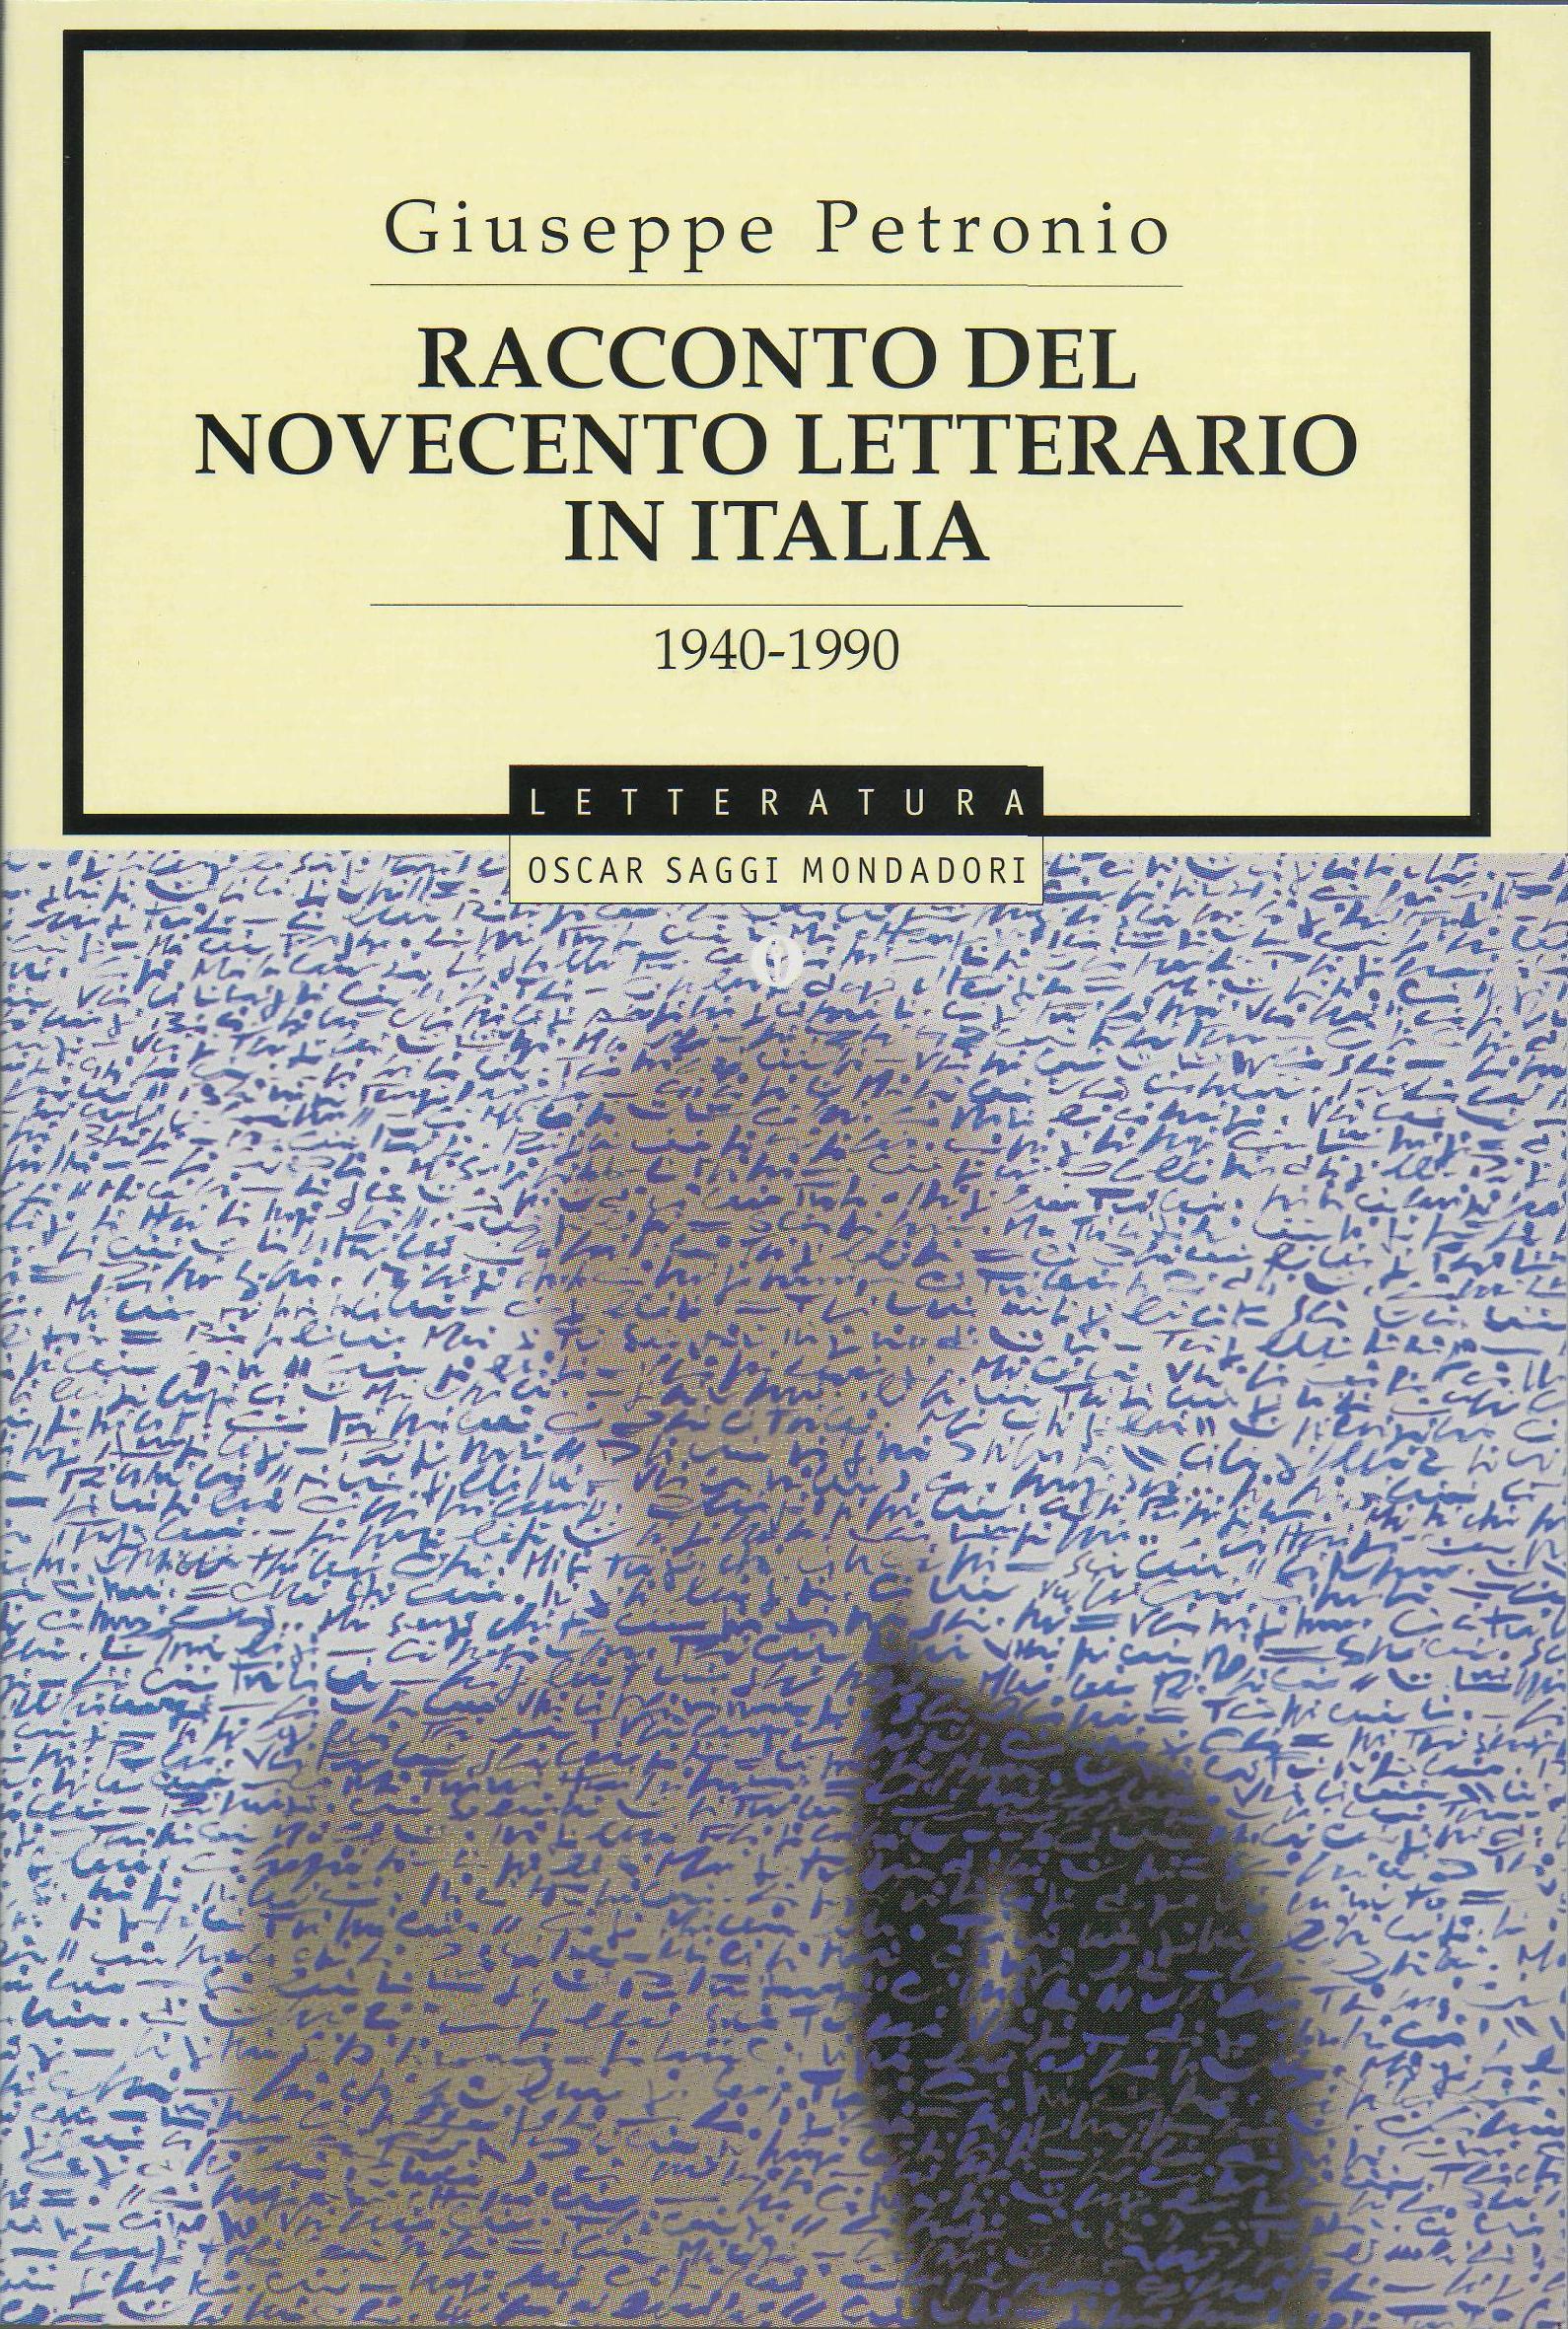 Racconto del Novecento letterario in Italia